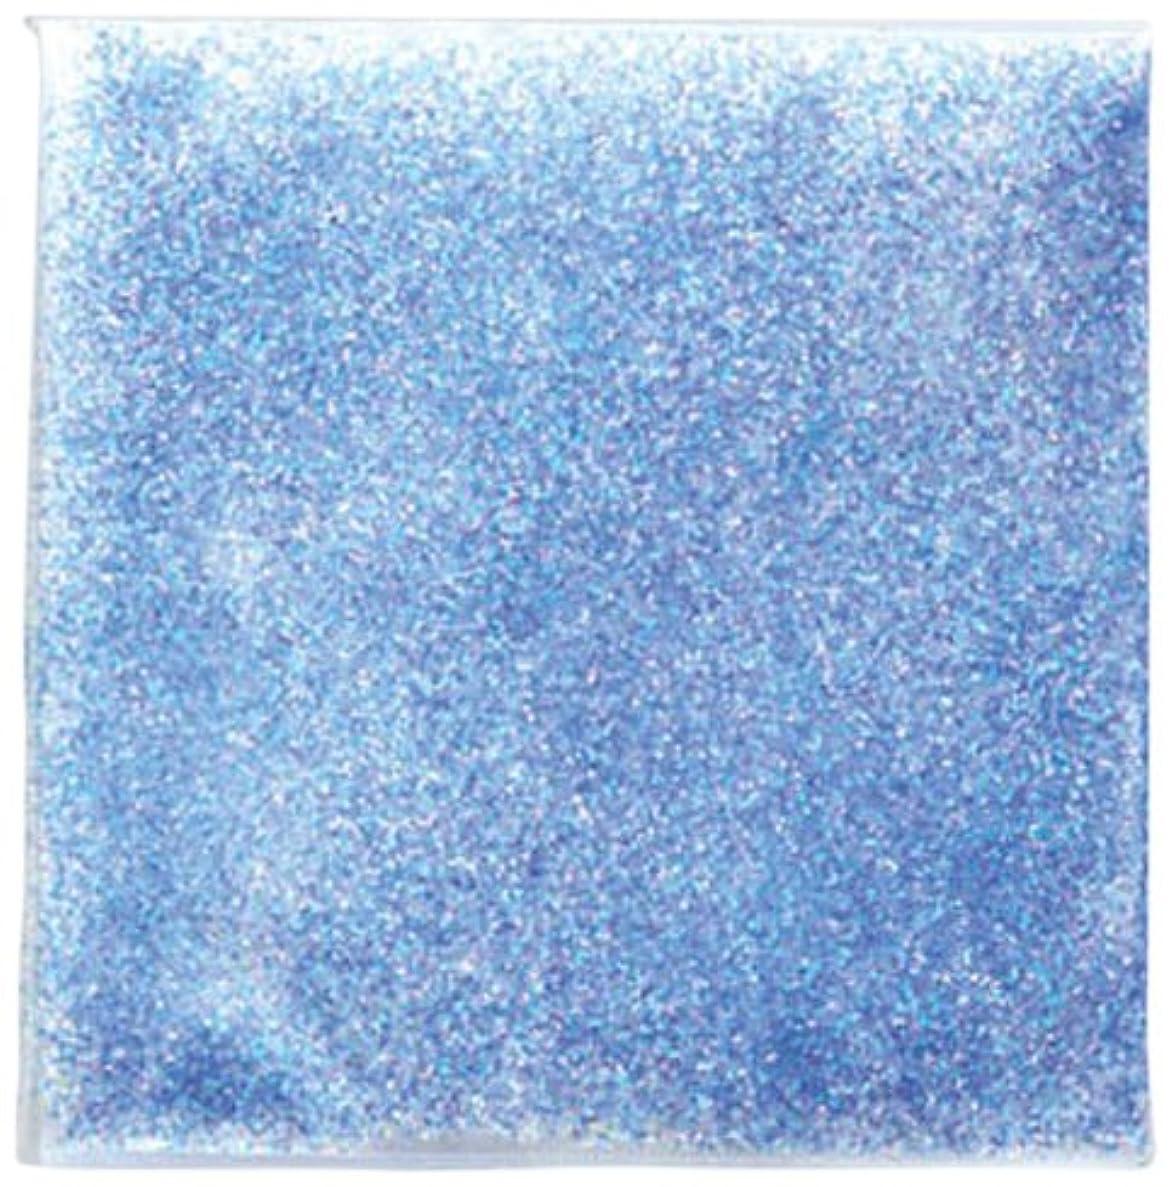 洋服メロディー探検ピカエース ネイル用パウダー ラメパステルレインボー S #447 ブルー 0.7g